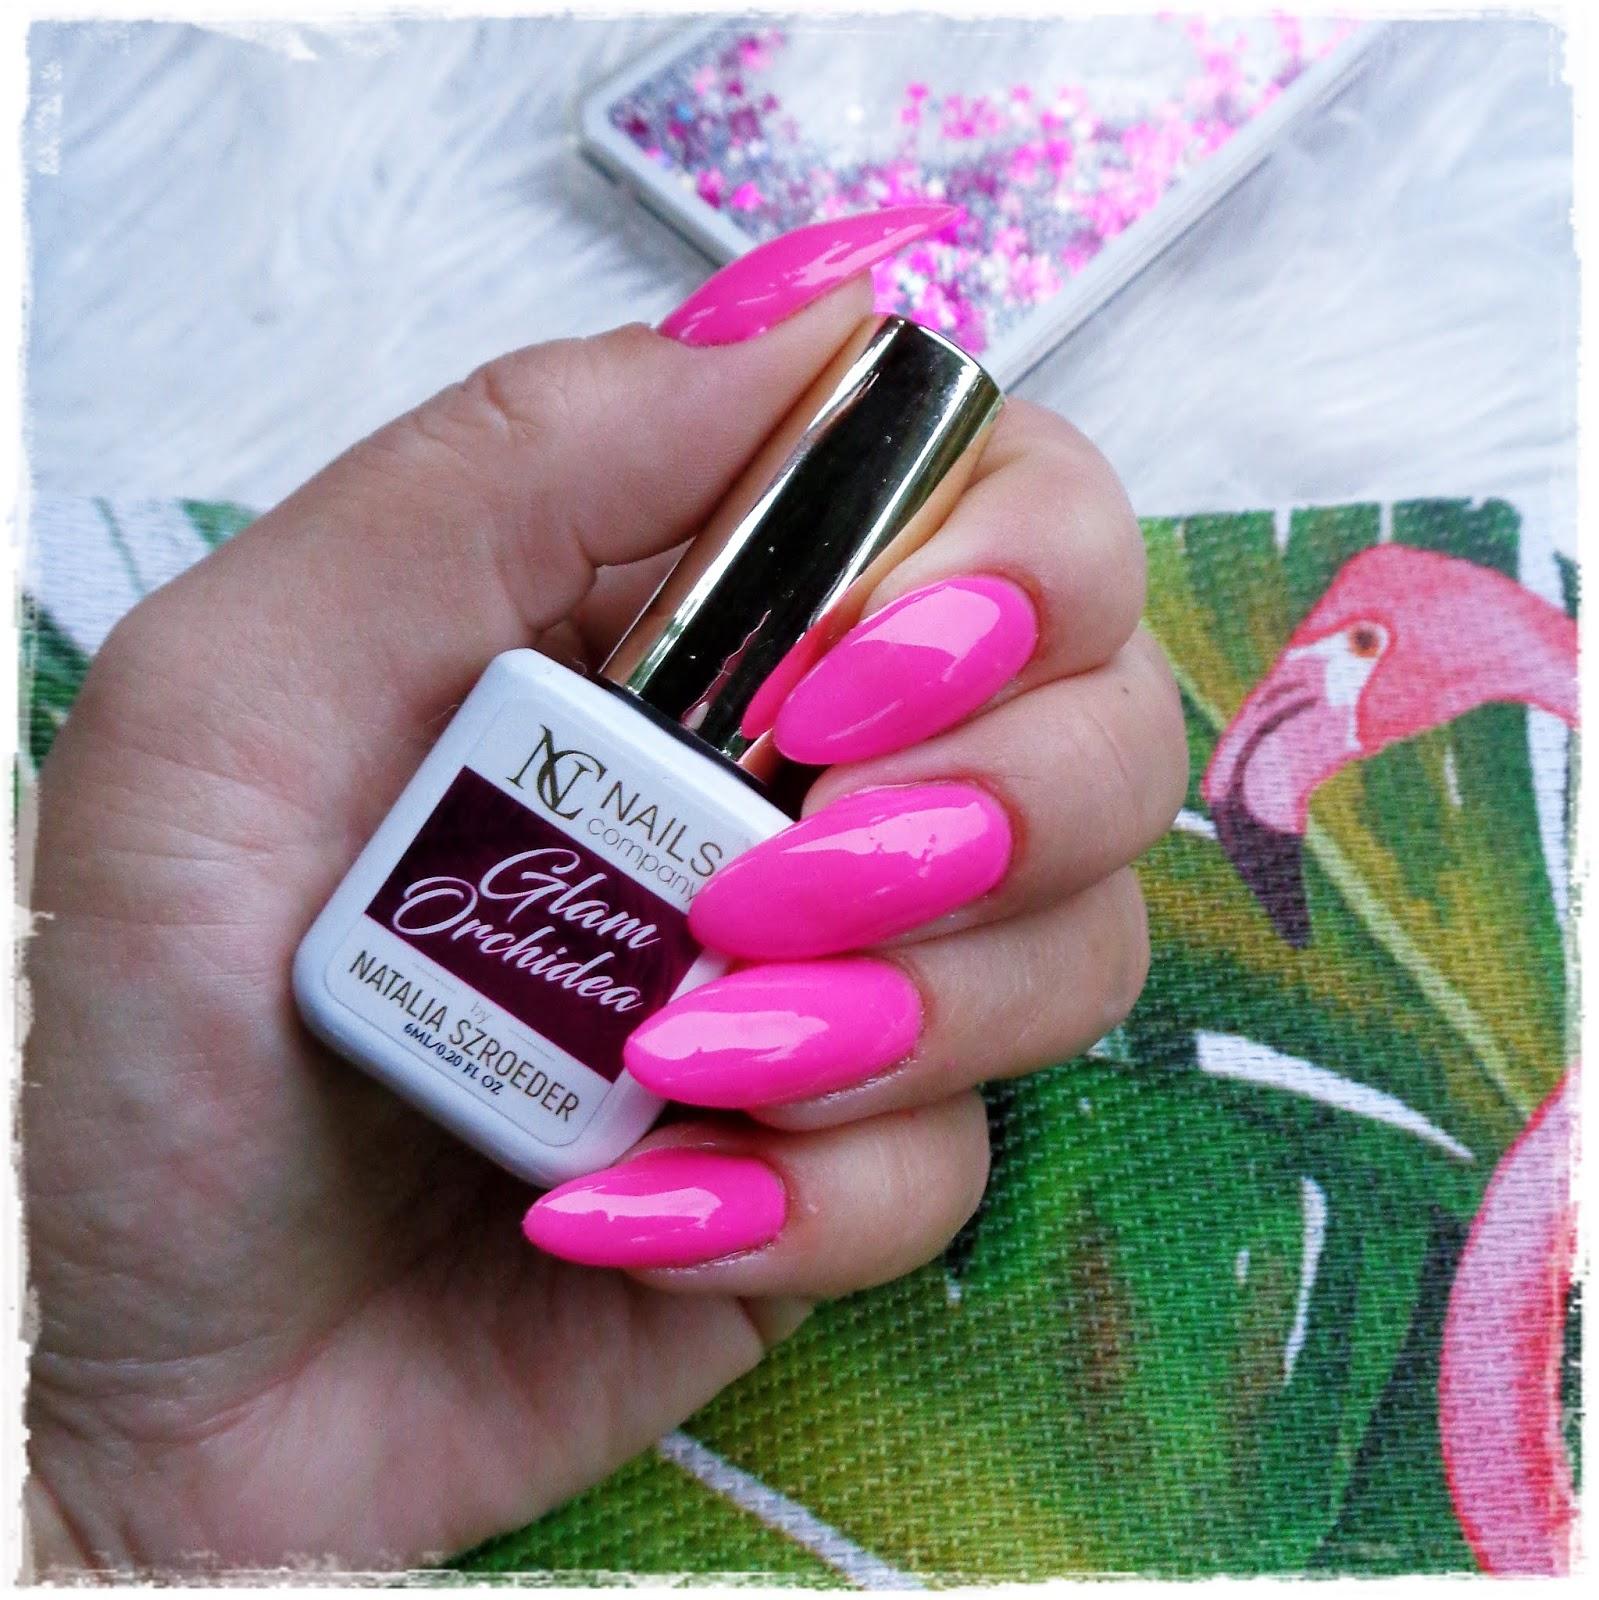 Nails Company, Glam Orchidea, Paczka Niespodzianka , Moje Pierwsze Wrażenia